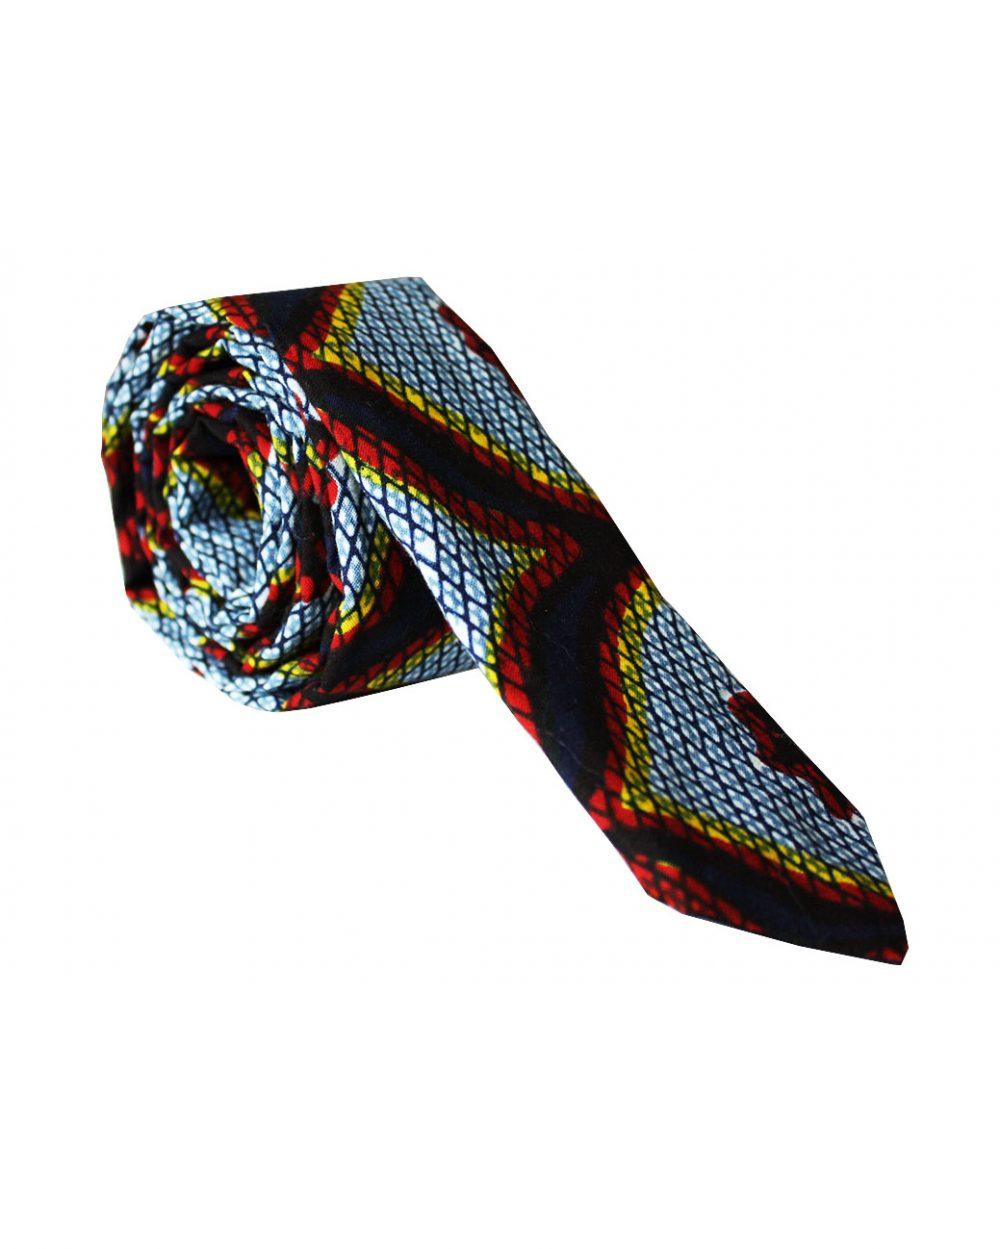 Cravate en wax | cravate en tissu pagne africain |Le Noeud Kipé